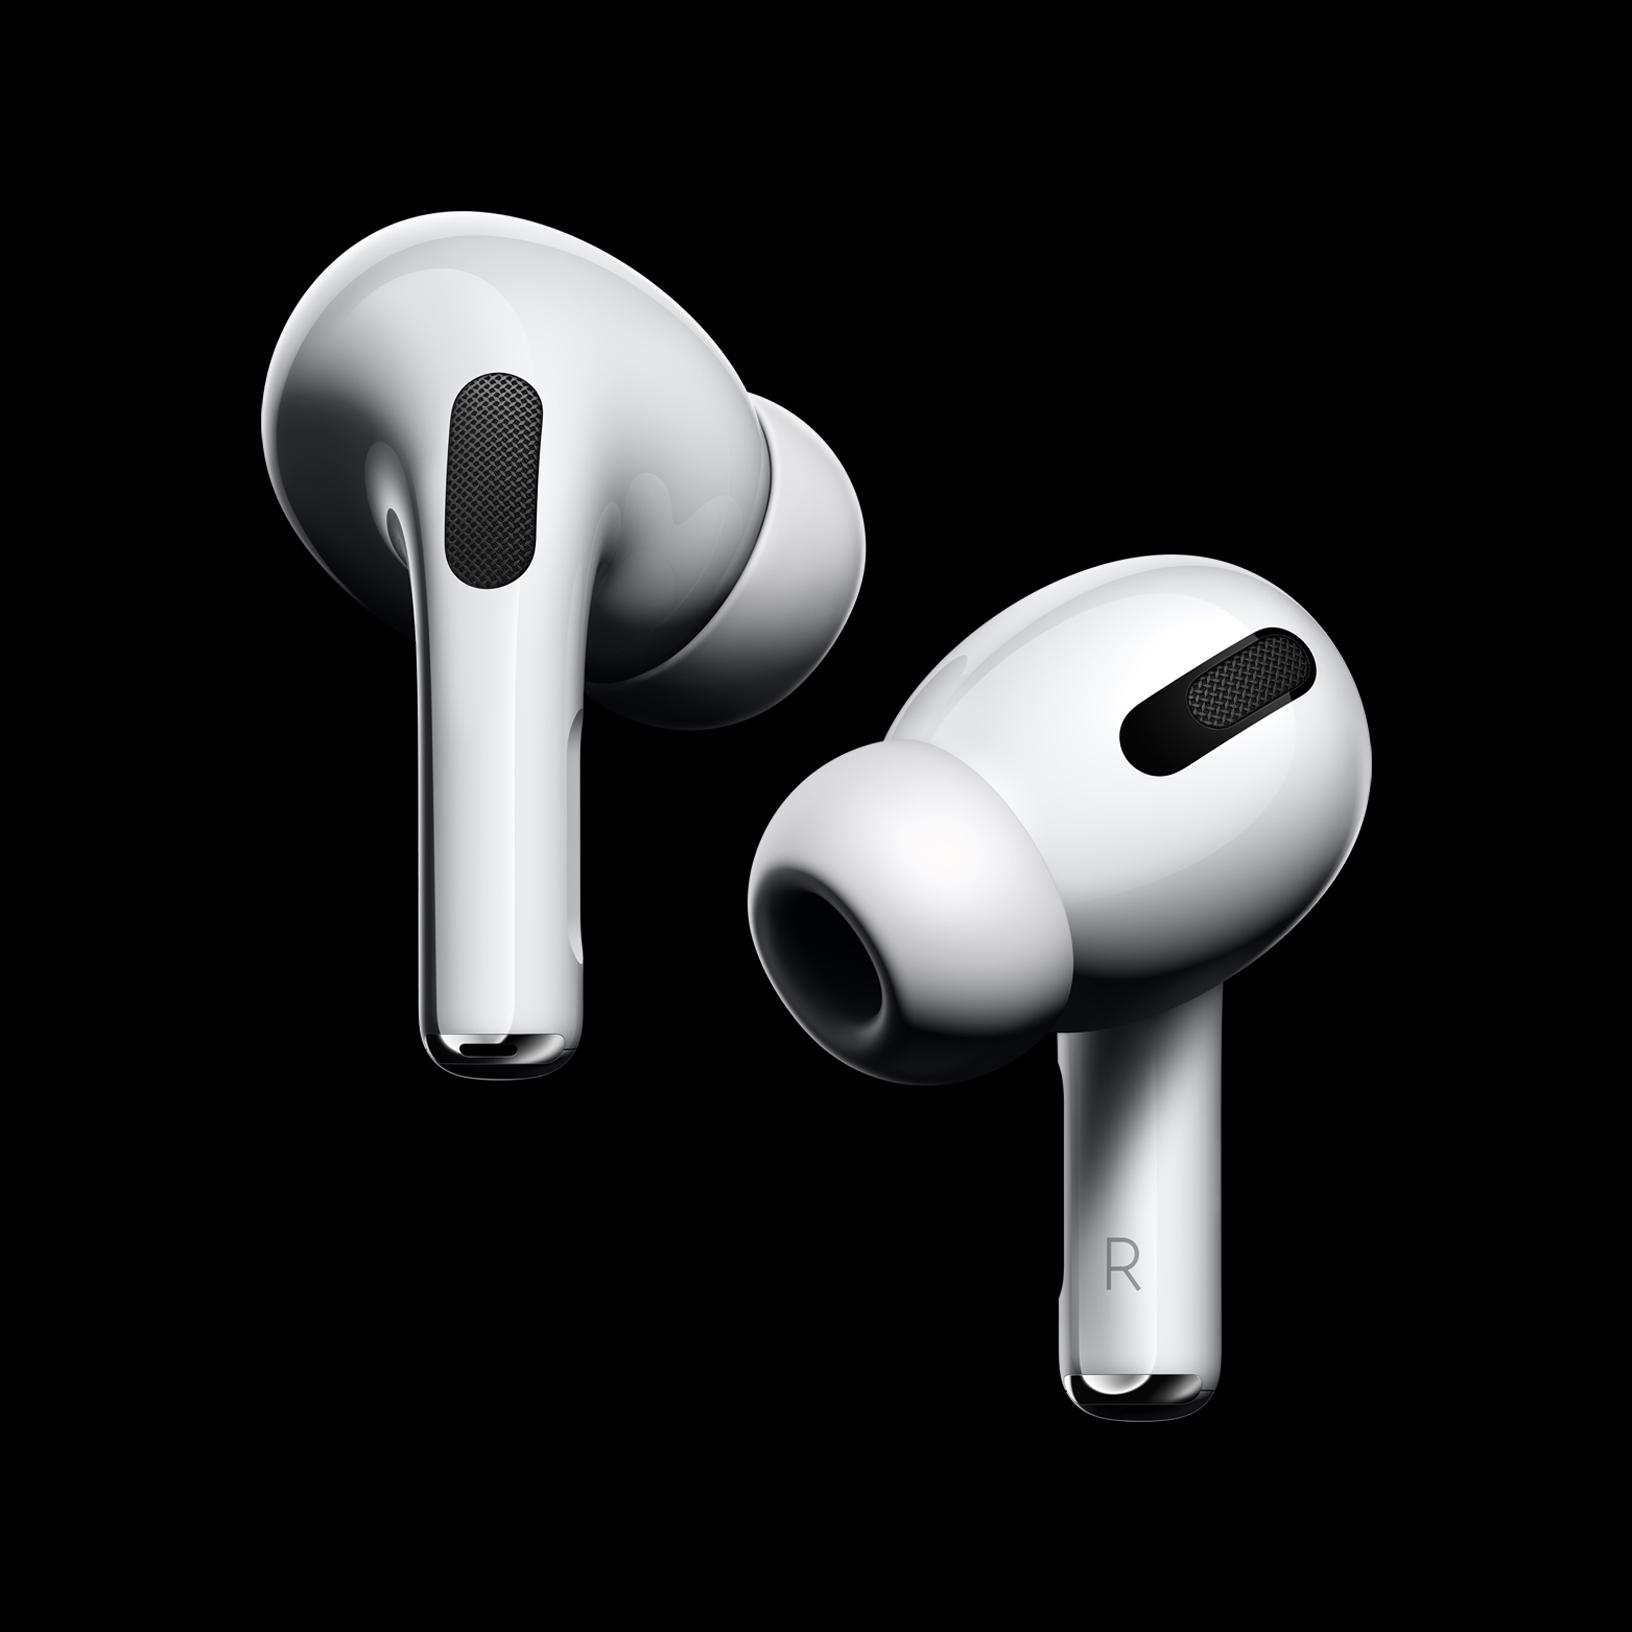 Neue AirPods Pro von Apple mit aktiver Geräuschunterdrückung